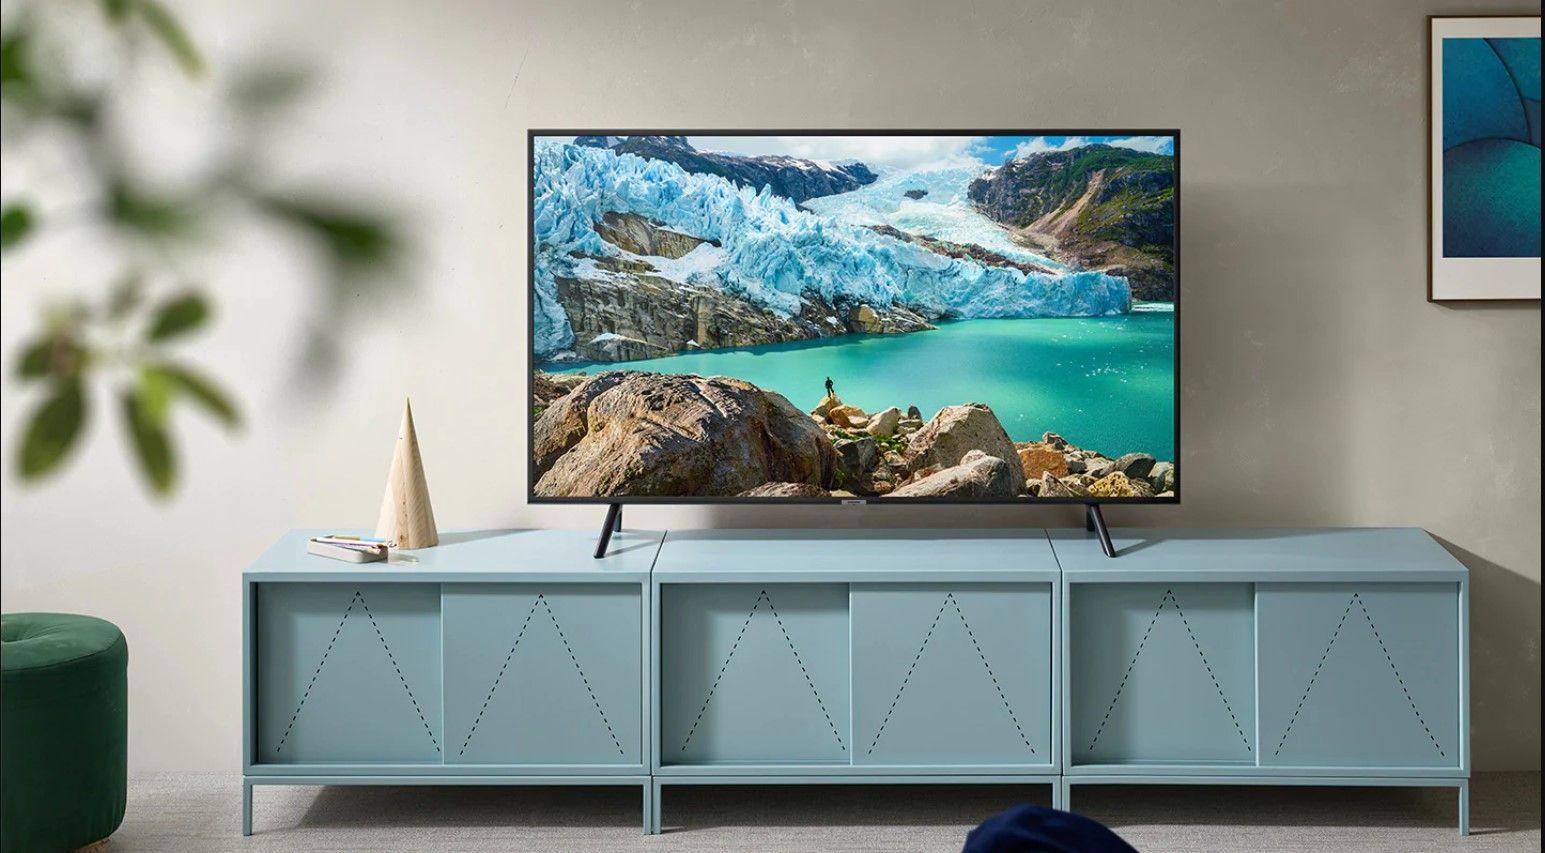 Как в Ростелекоме подключить тв-пульт к телевизору Samsung